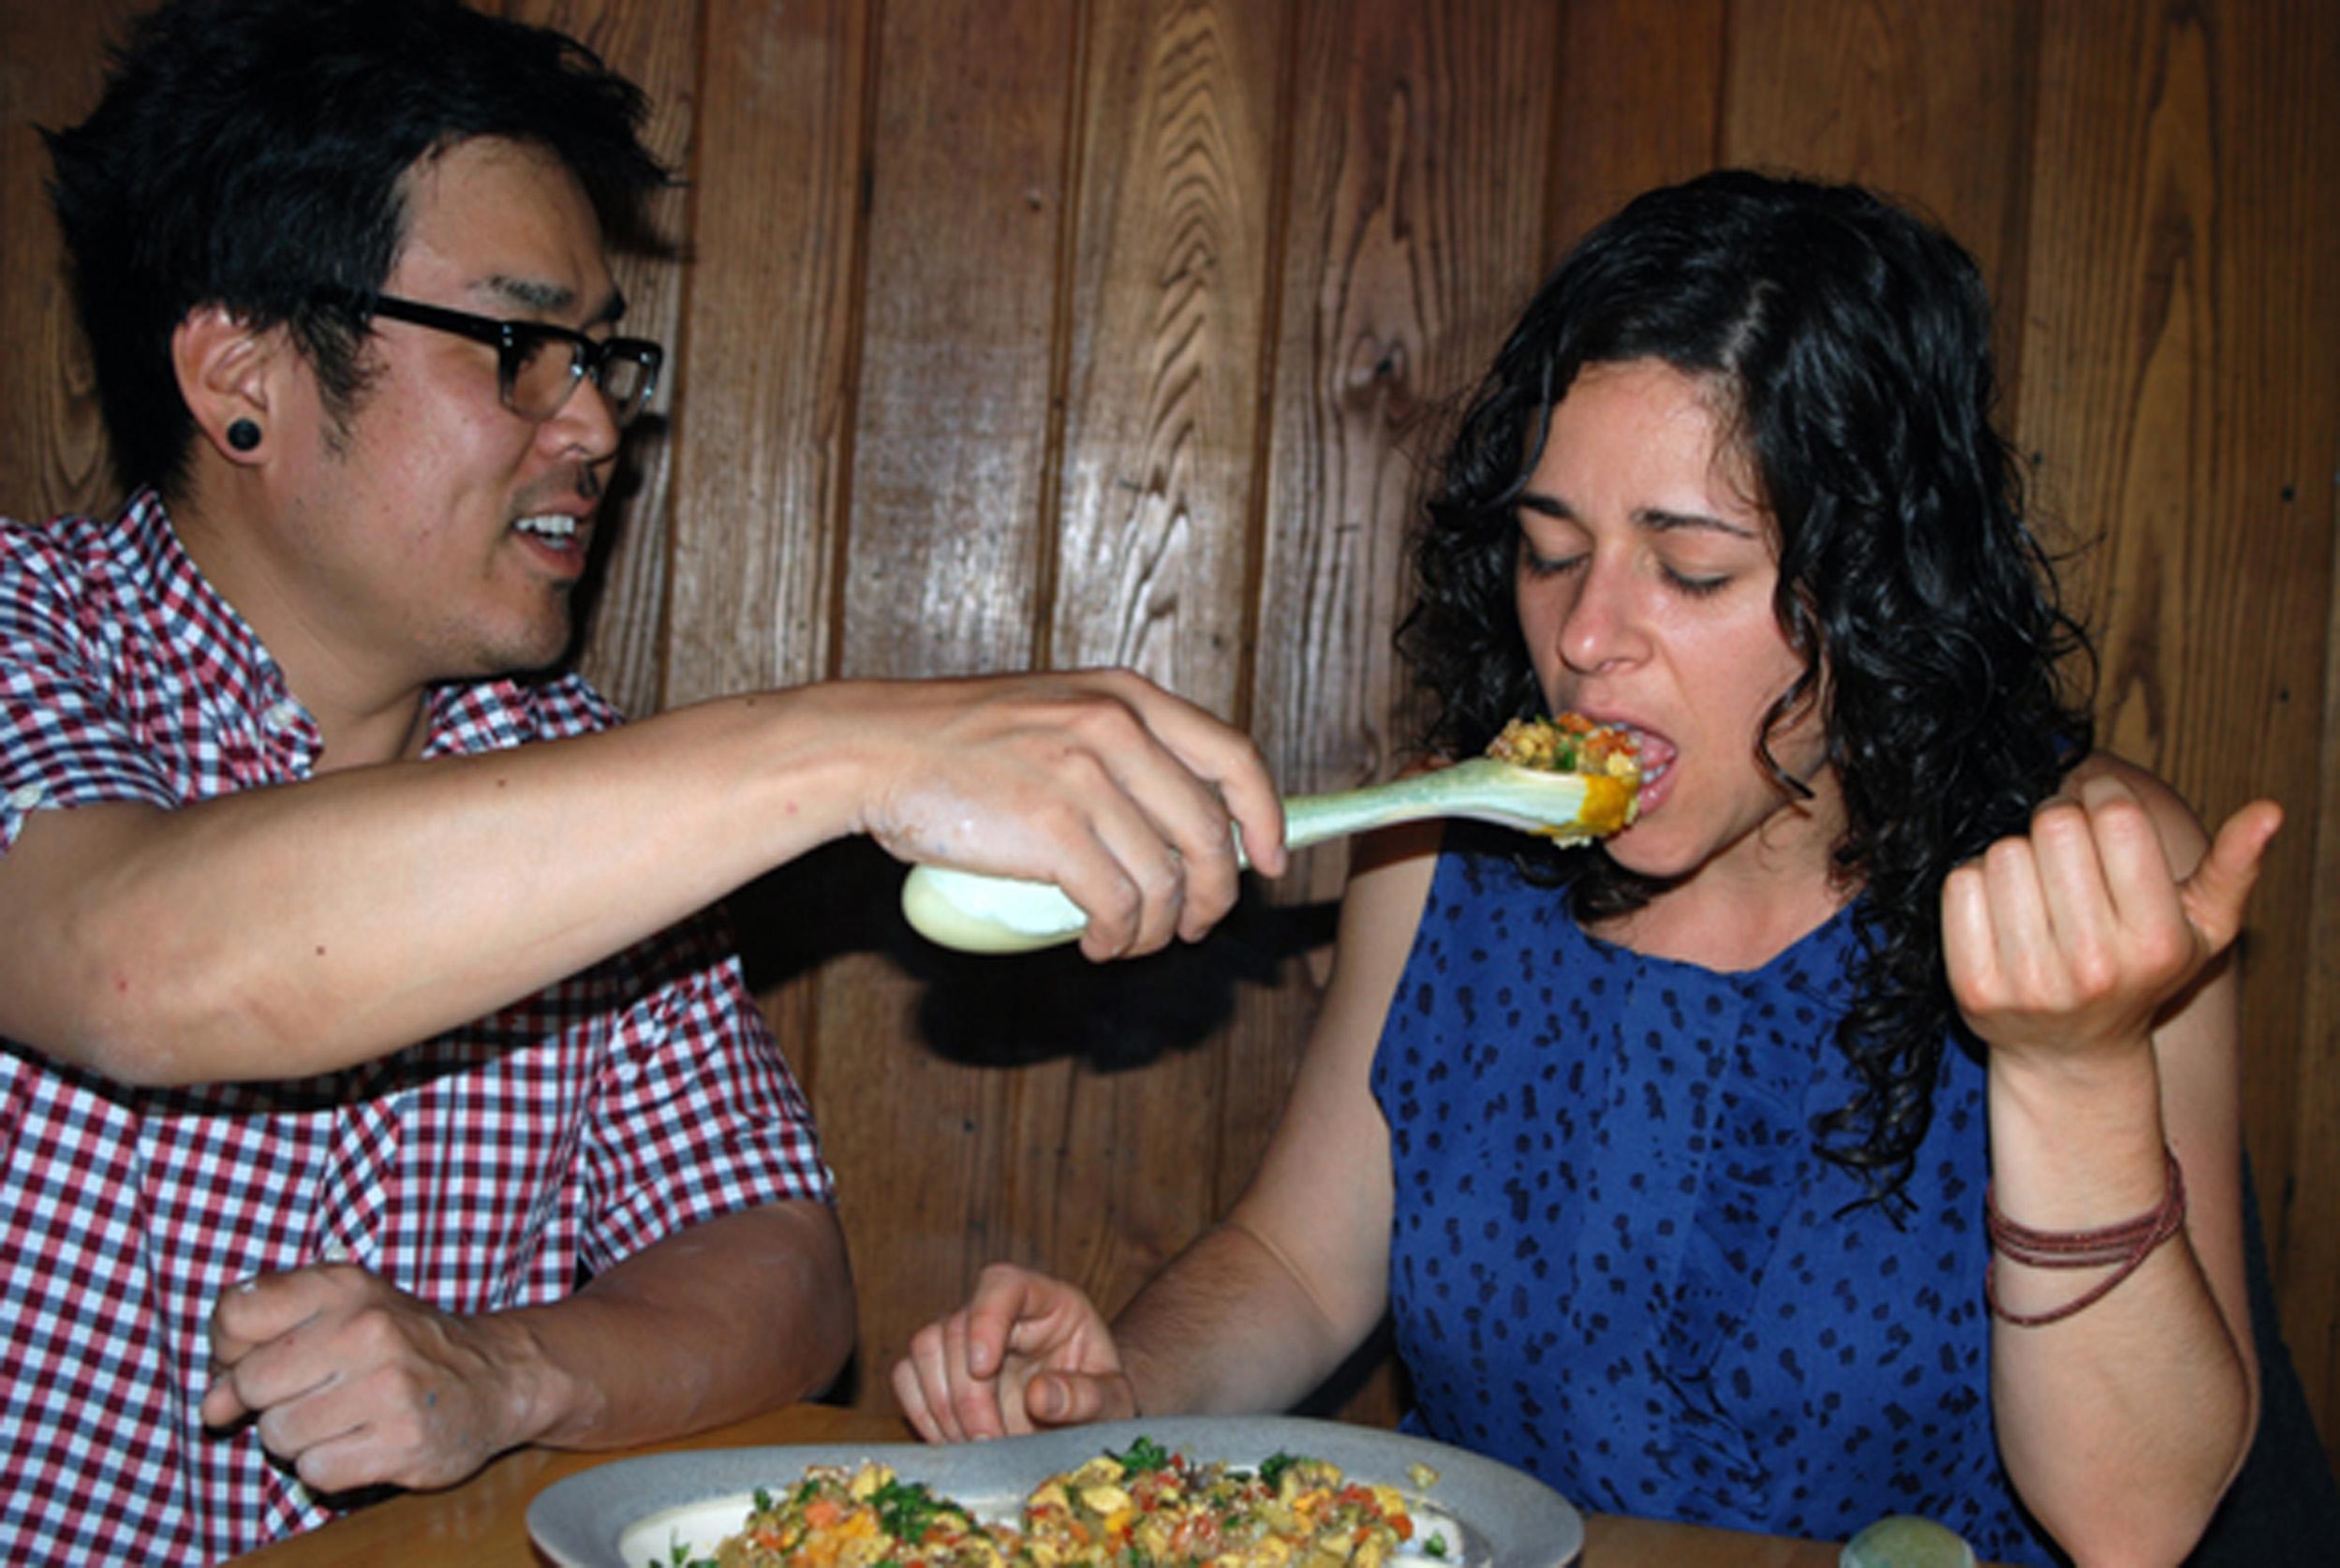 feed kl spoon 3.jpg